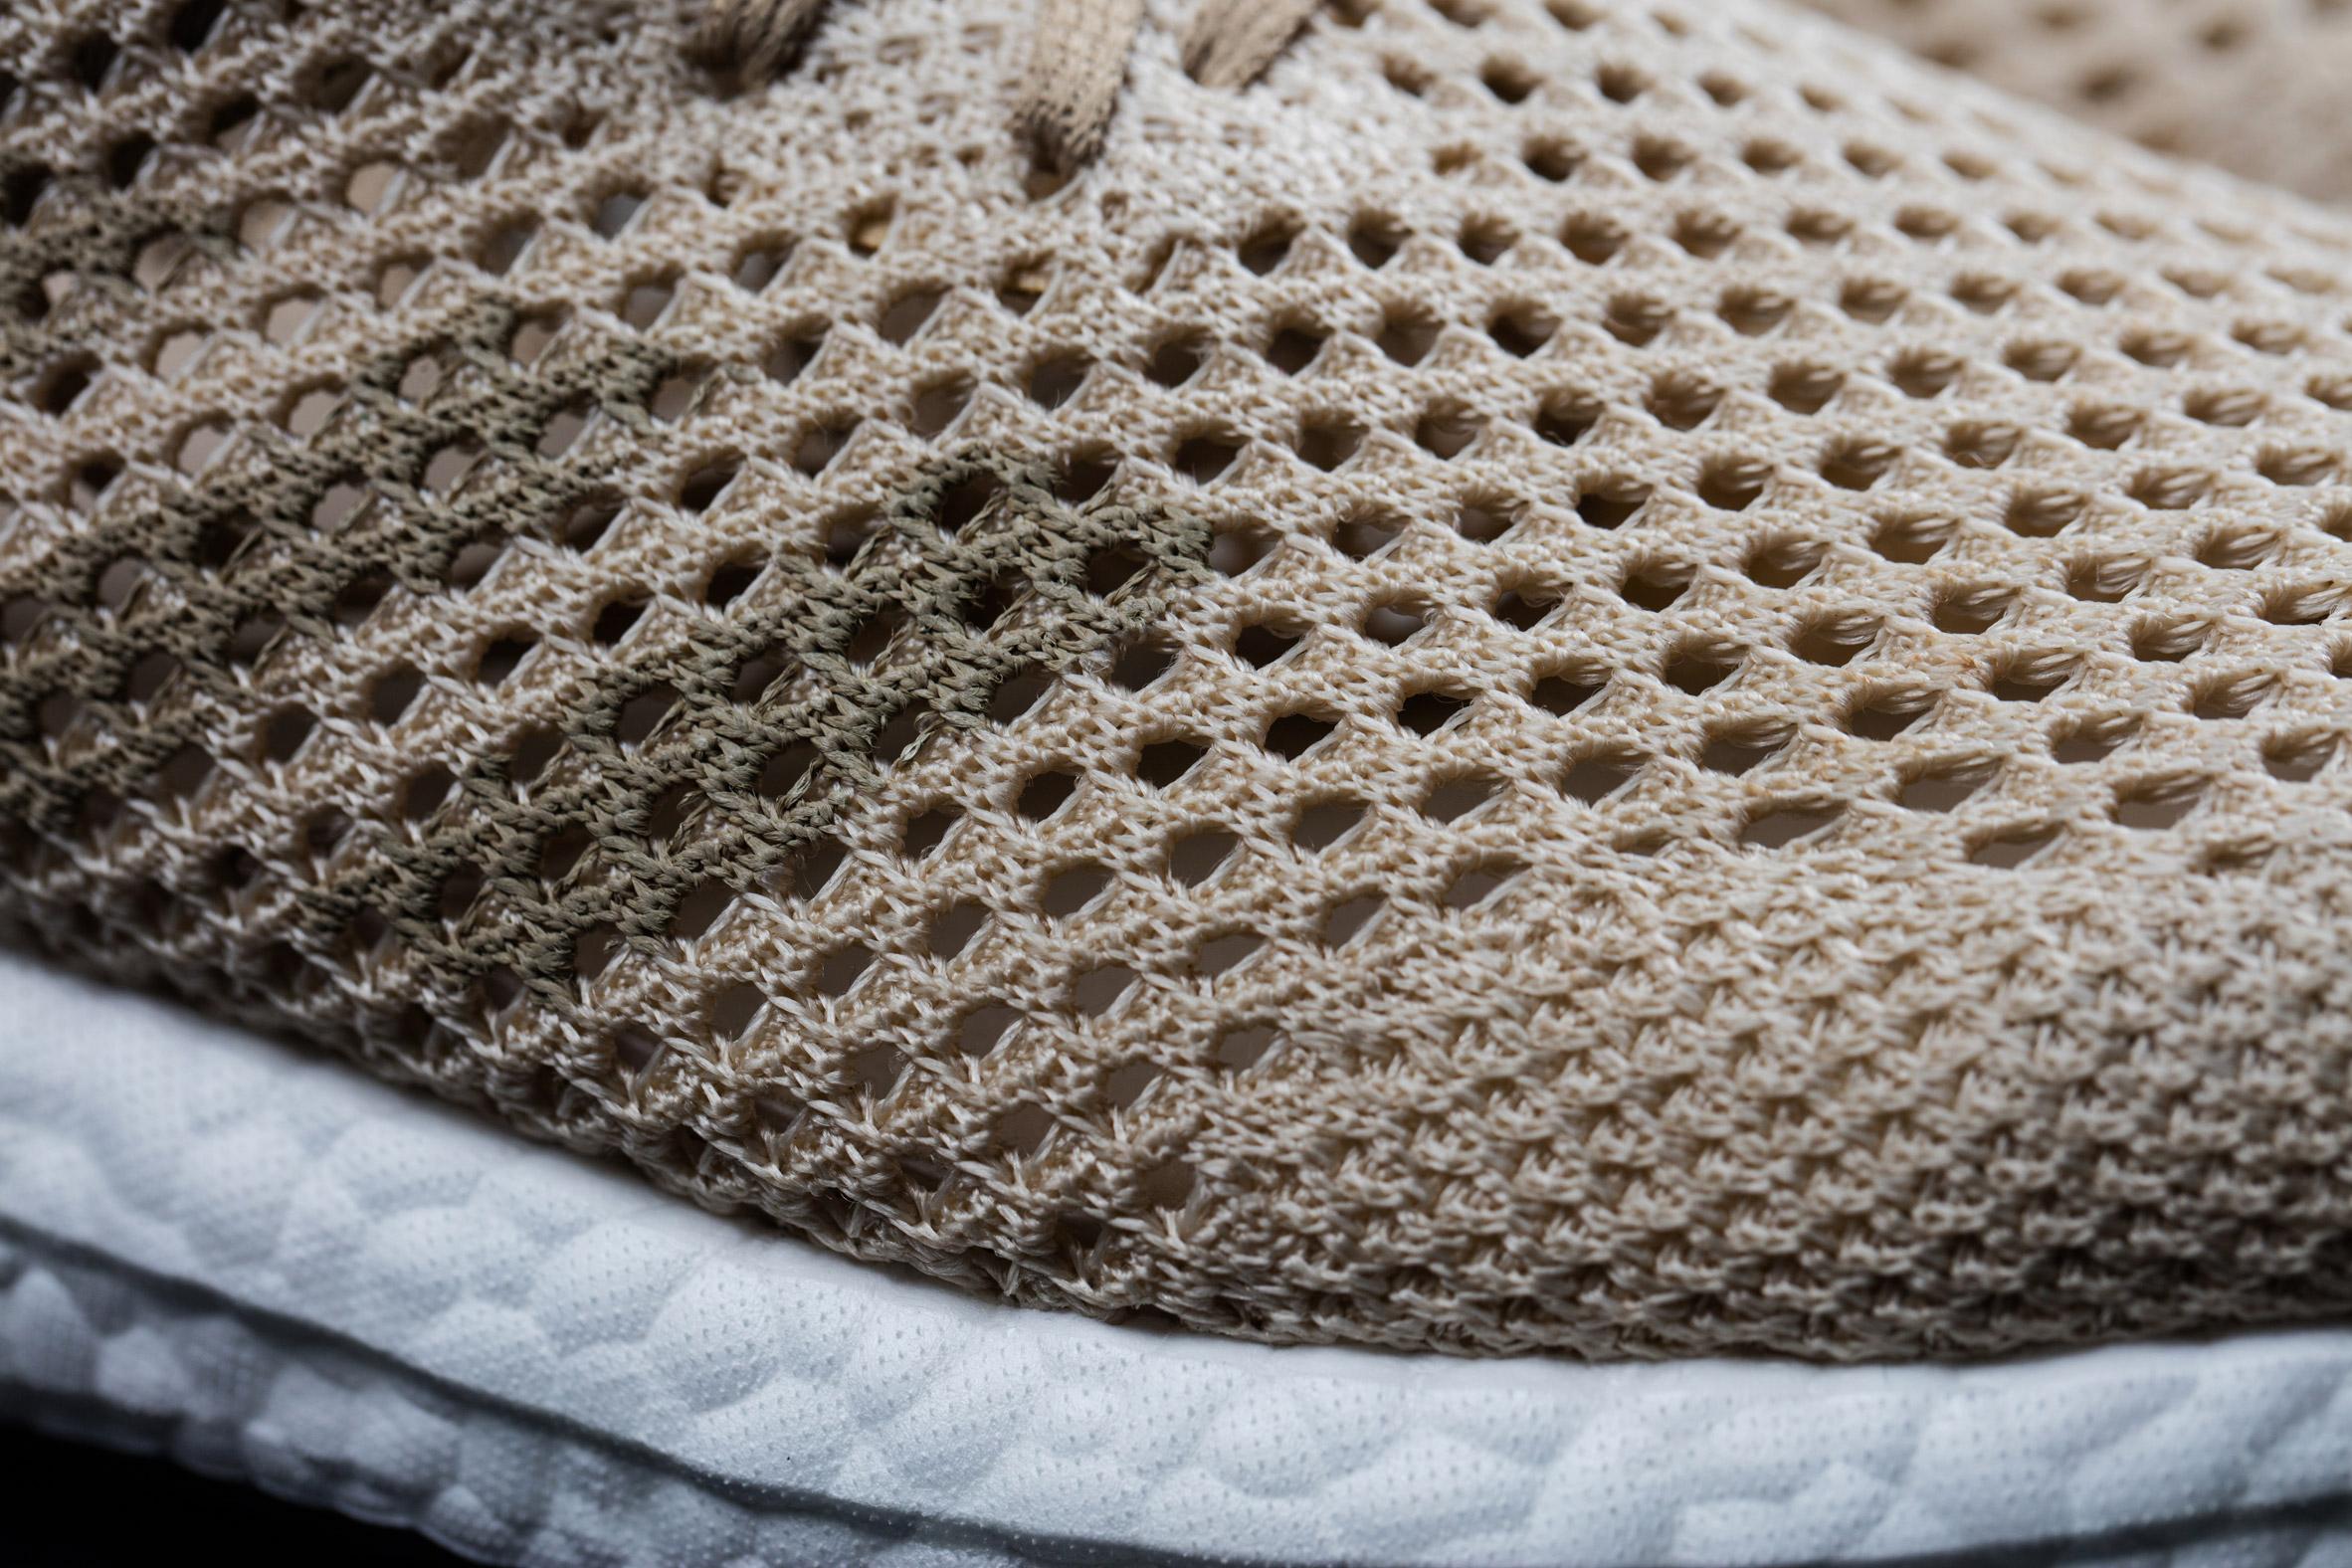 edb5d92bb3 Apropó, lebomlás: a cipő proteáz emésztőenzimet tartalmazó vízben teljesen  természetesen 36 óra alatt lebomlik (nyugi, esőtől vagy sima víztől nem fog  ...